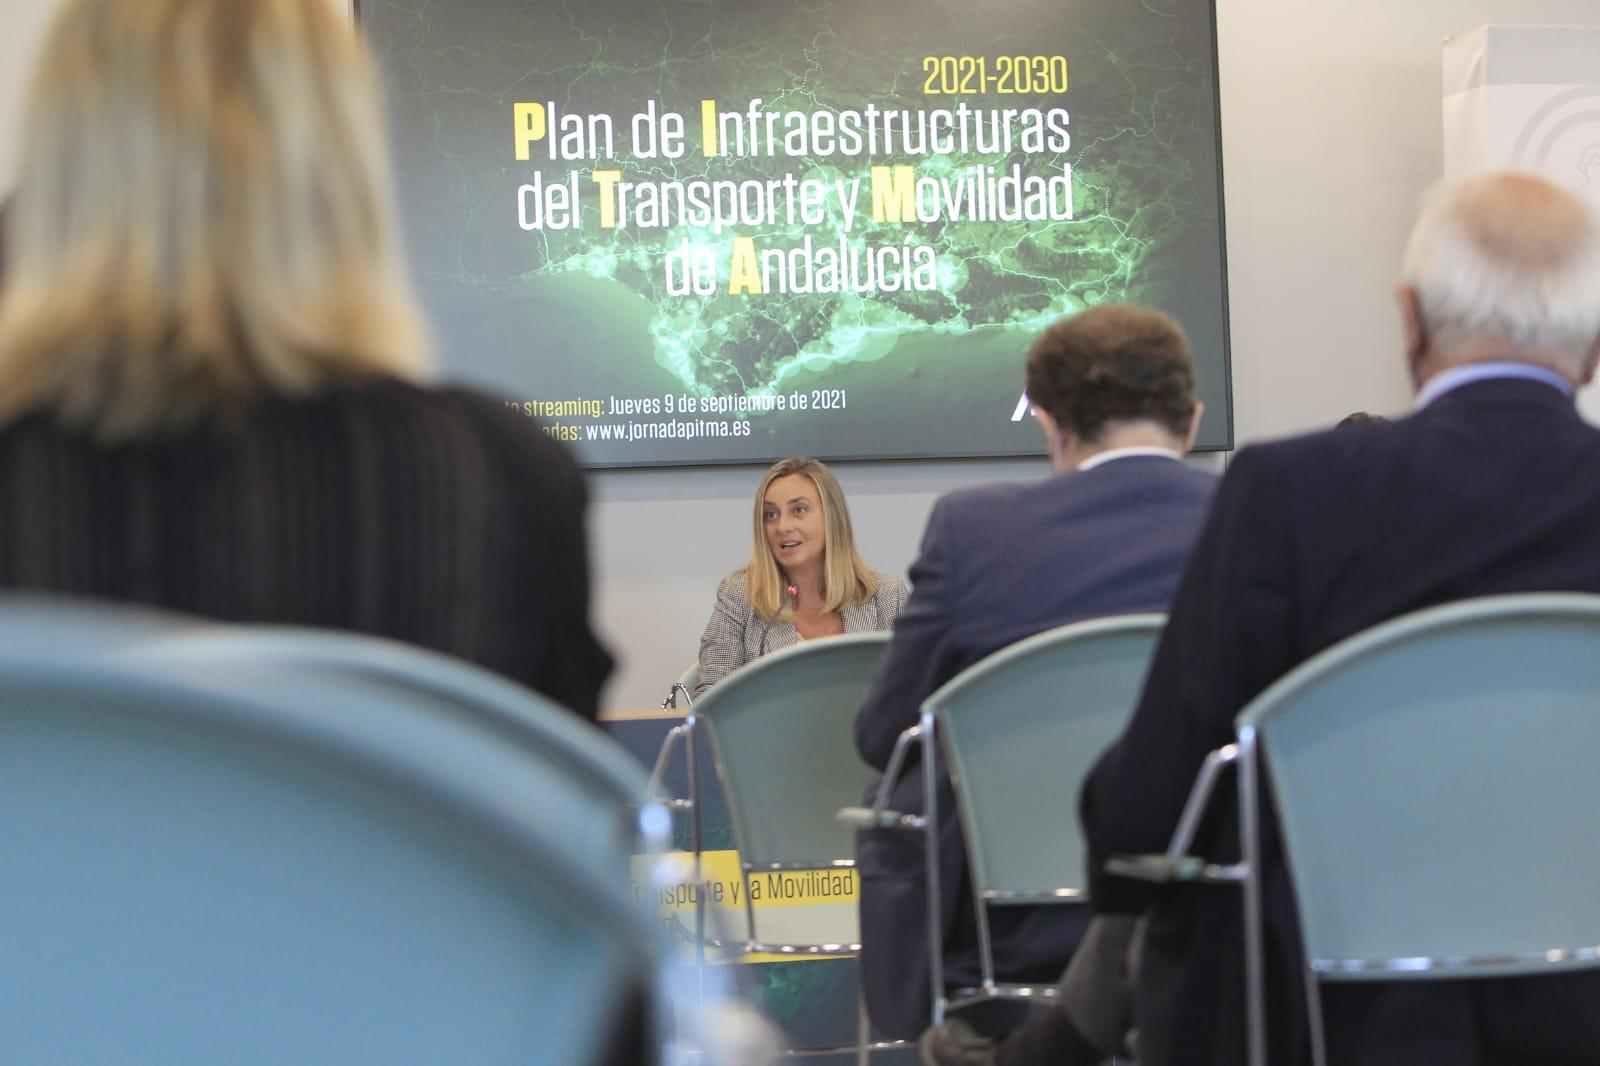 El PITMA multiplica por cuatro las previsiones de inversión del actual plan de infraestructuras